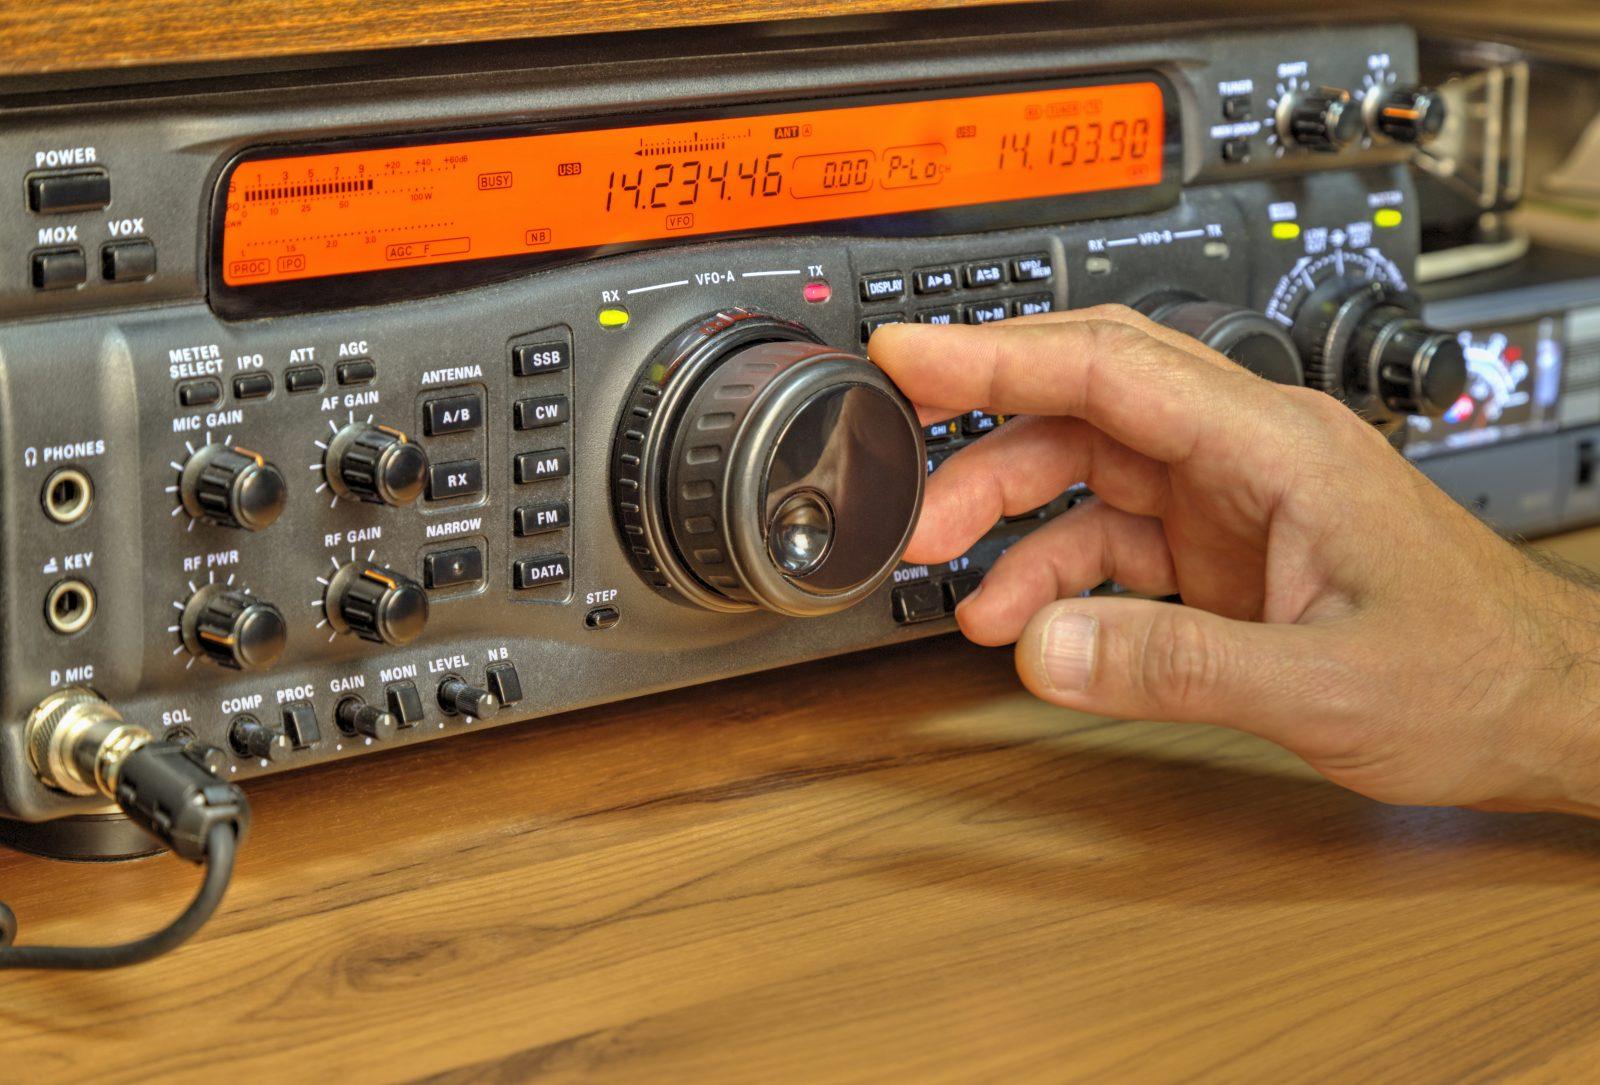 Une formation pour devenir radioamateur